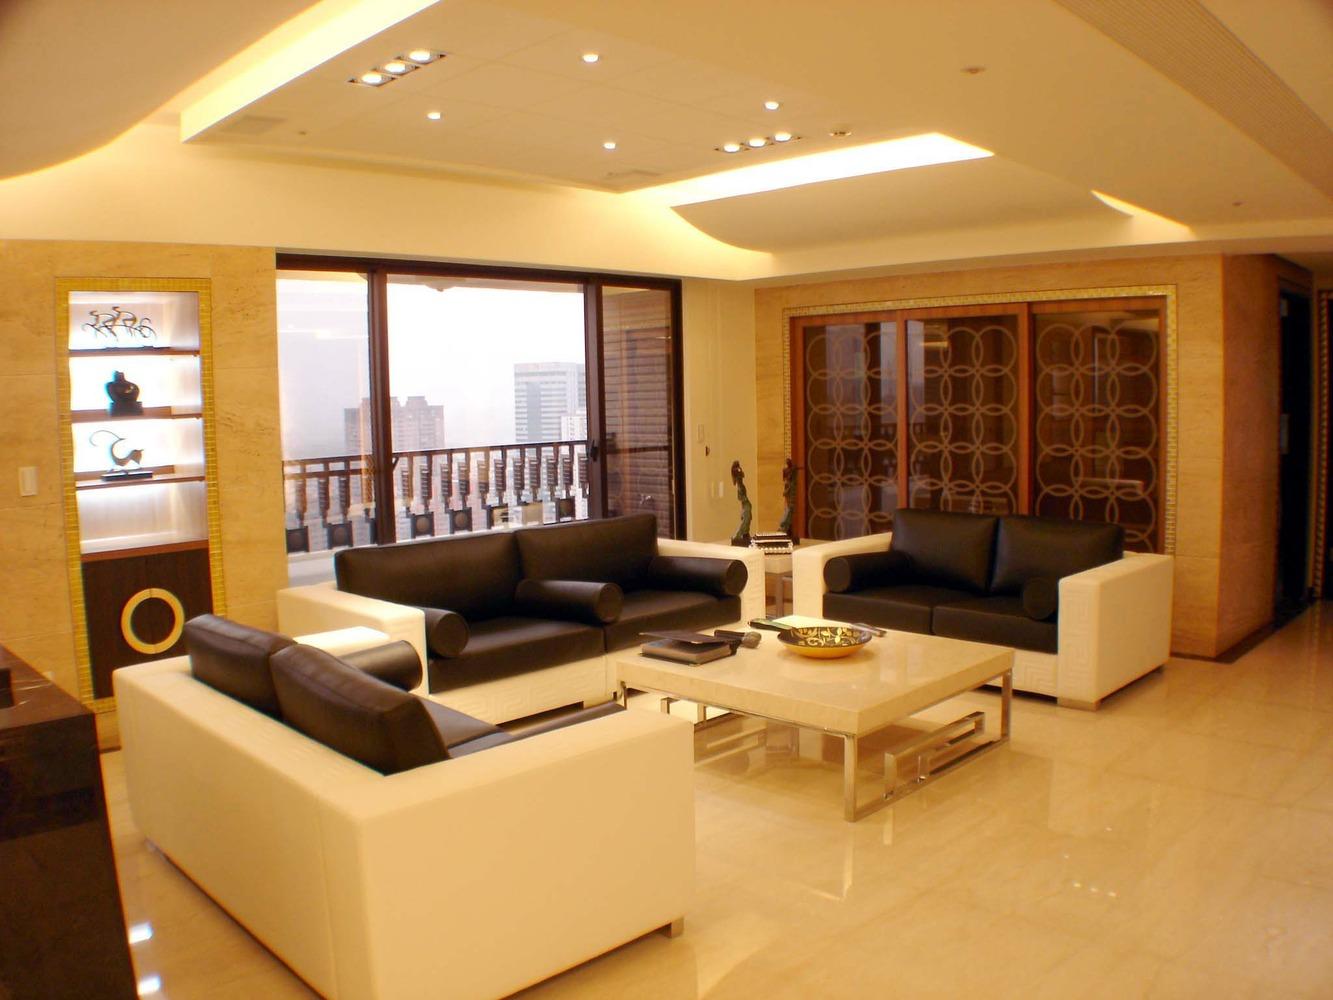 商務都市簡約風格客廳裝潢設計圖片